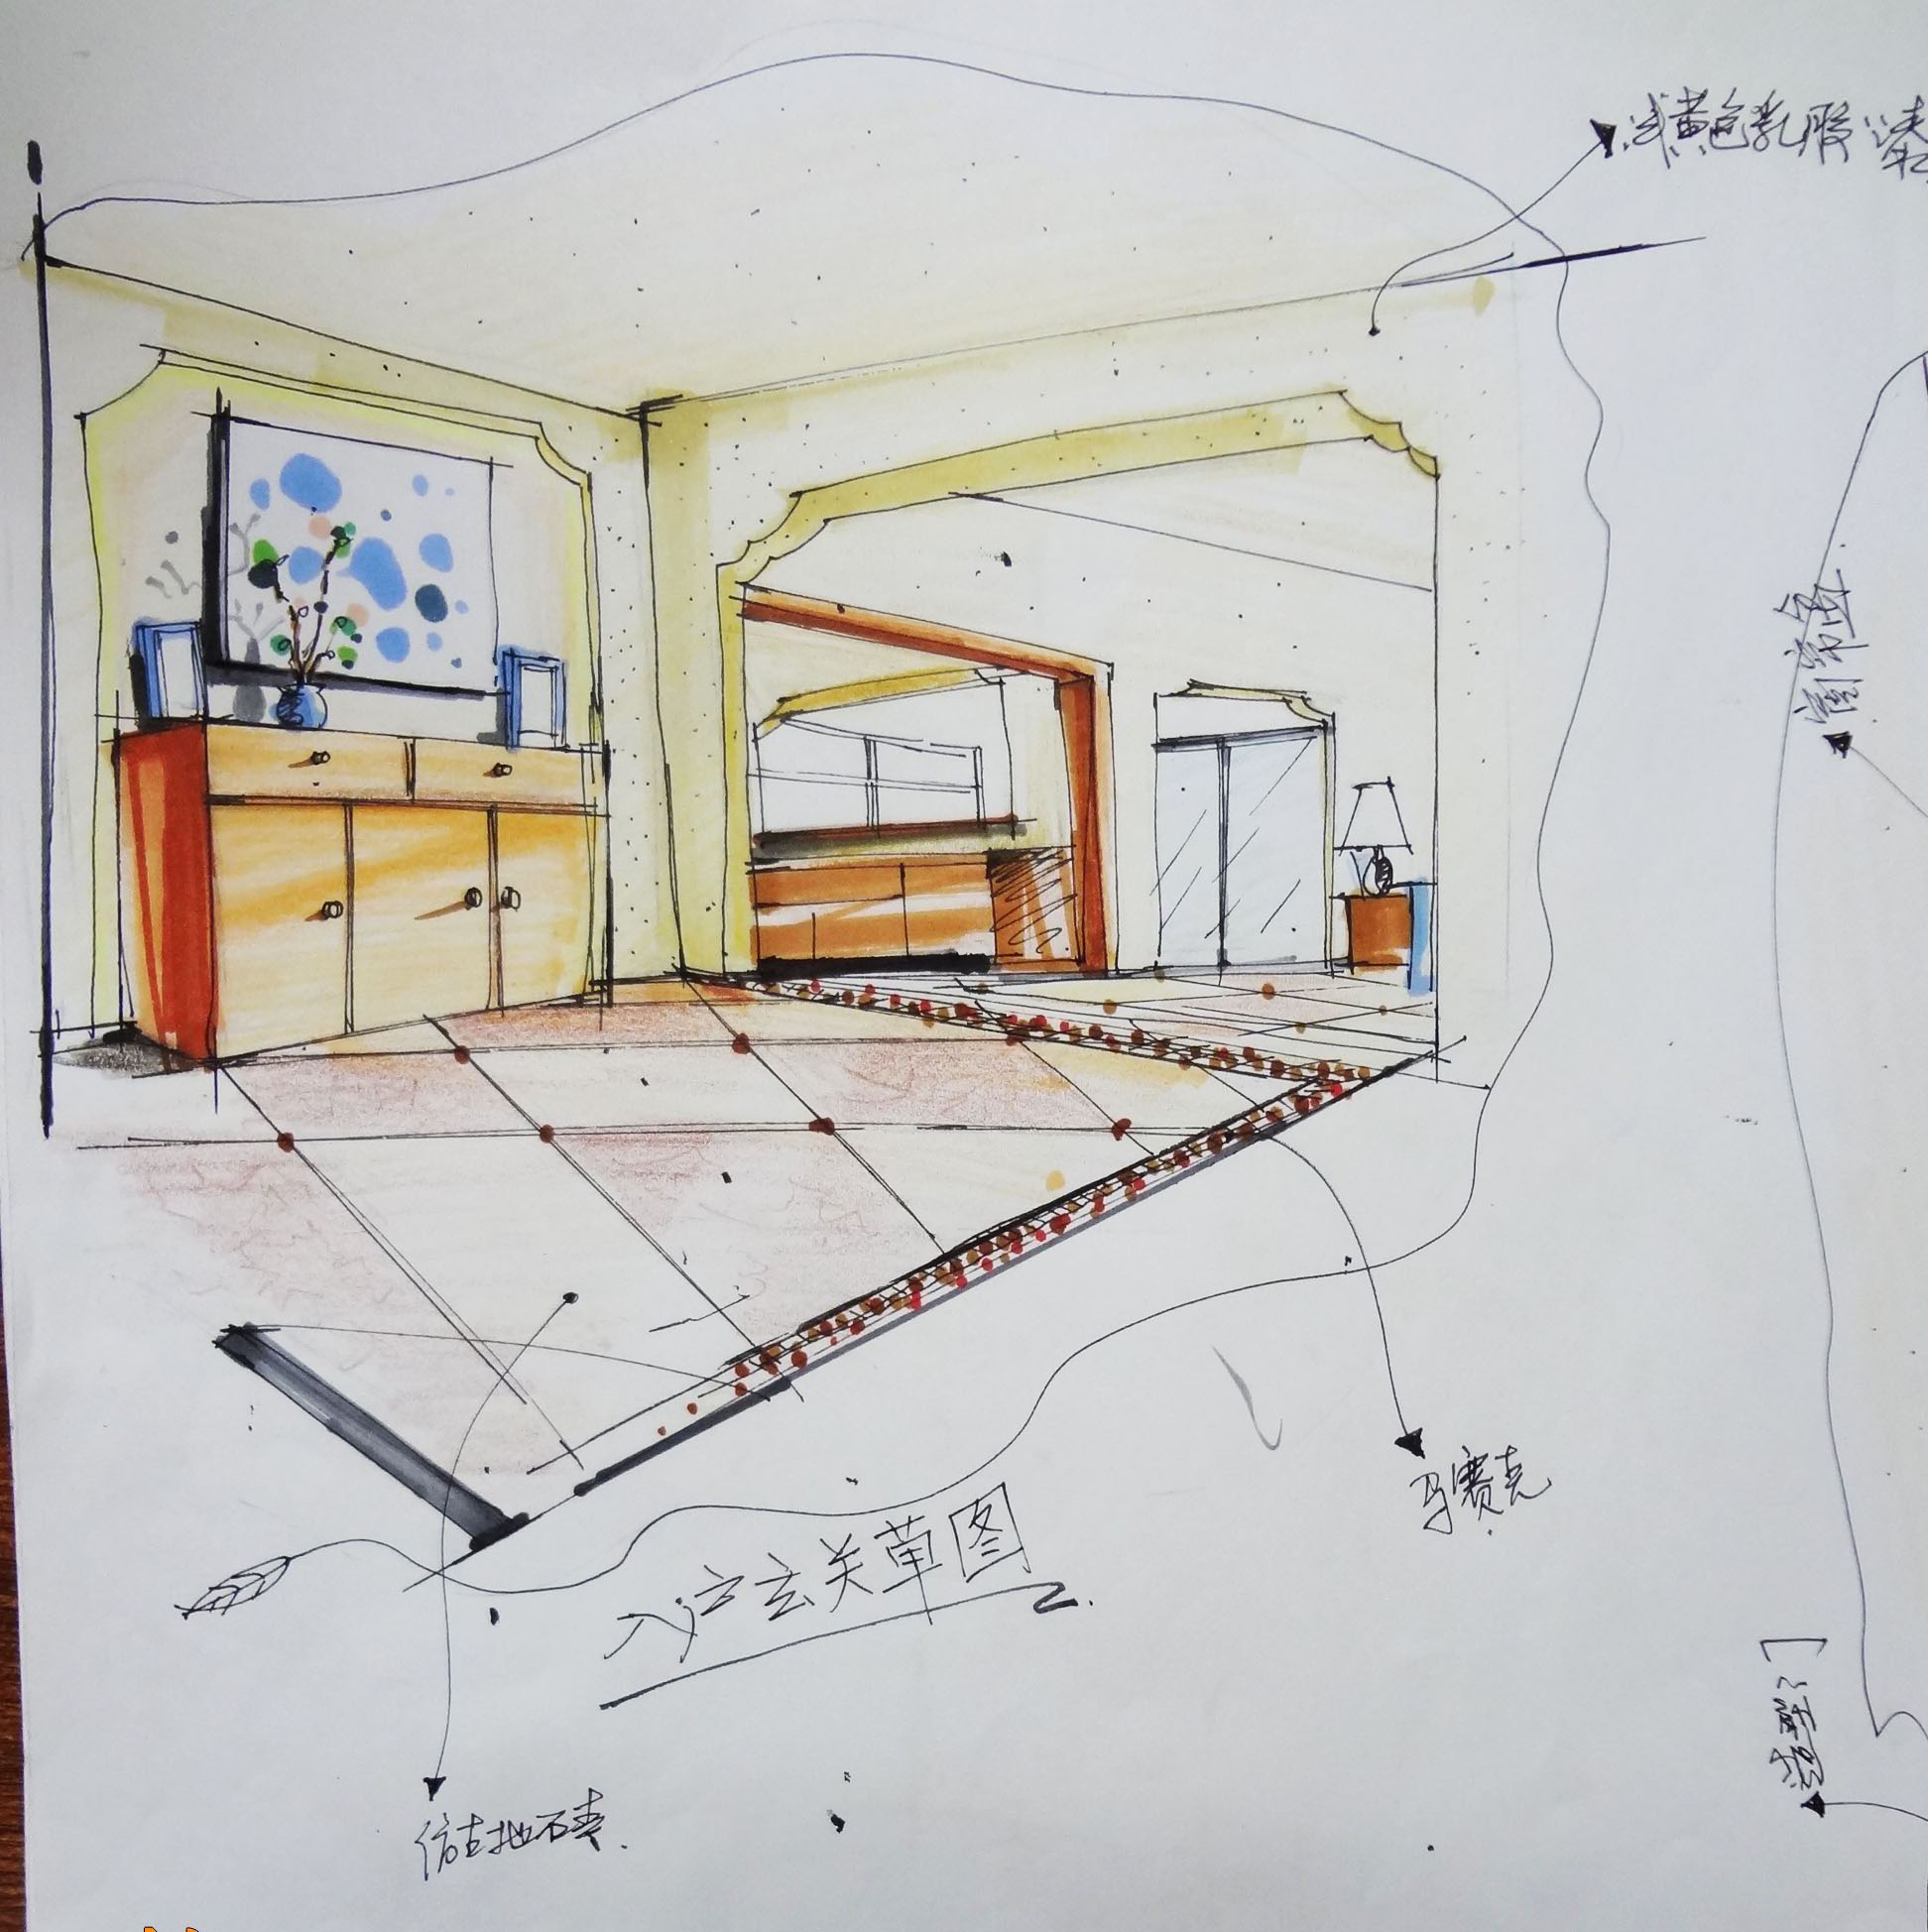 中华室内设计网 作品中心 住宅空间 家装设计 > 骆健作品  【户型】